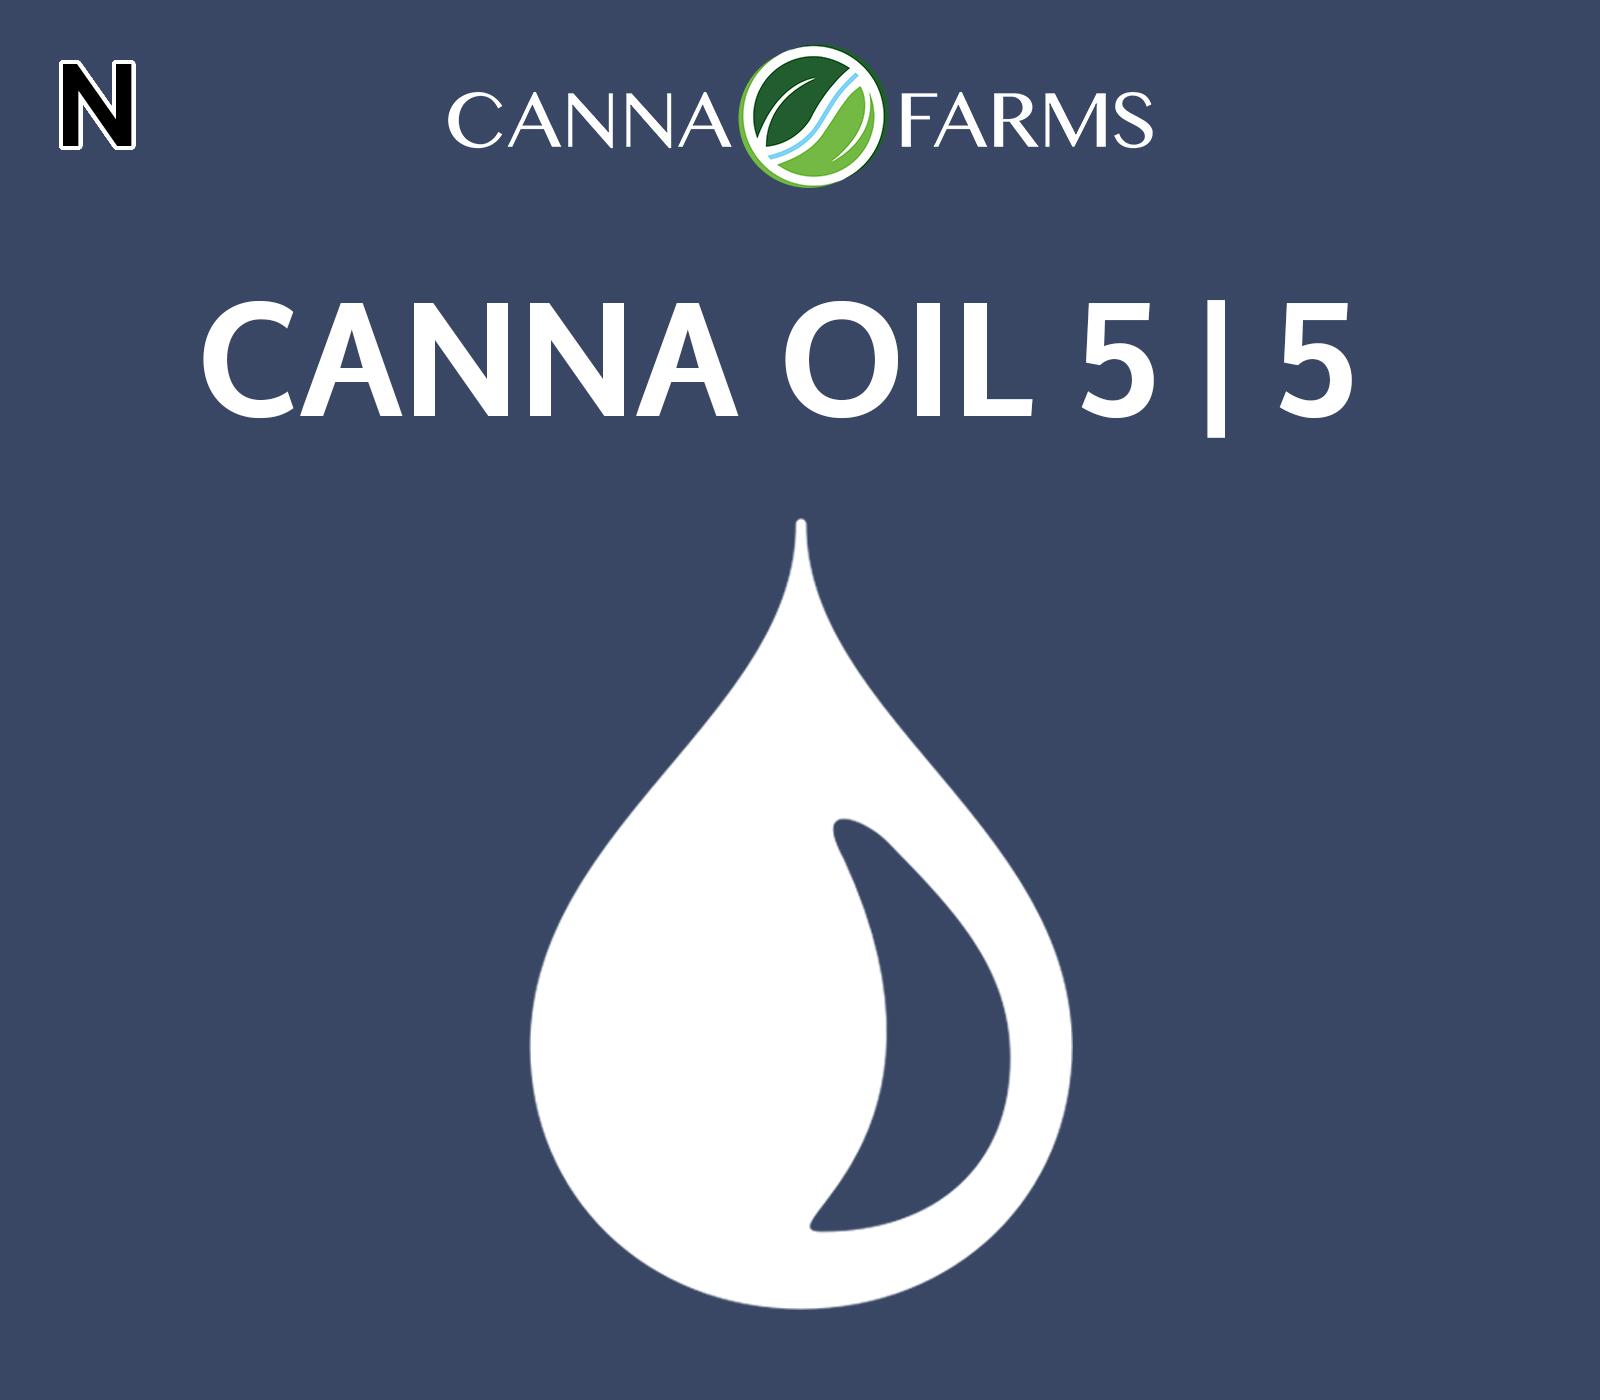 CANNA-OIL-5-5.jpg